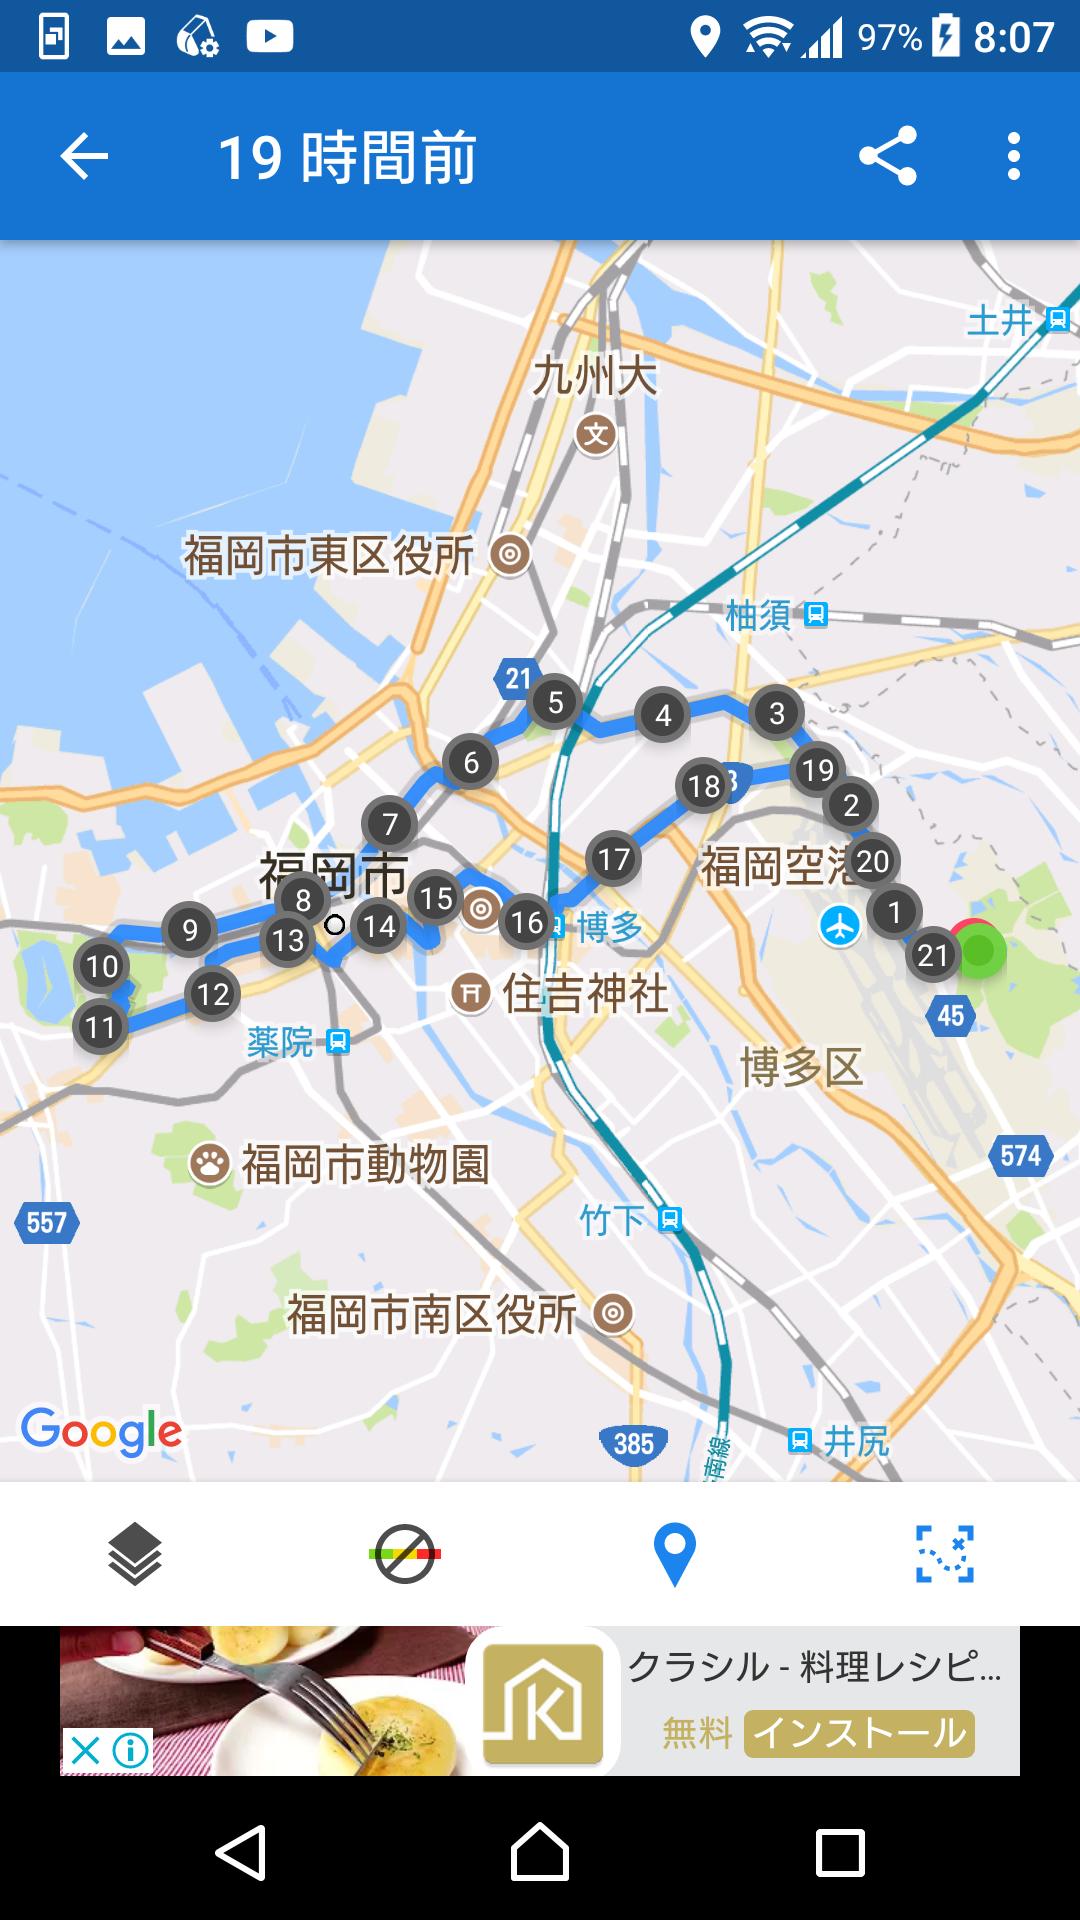 f:id:ynakayama27:20170904092351p:plain